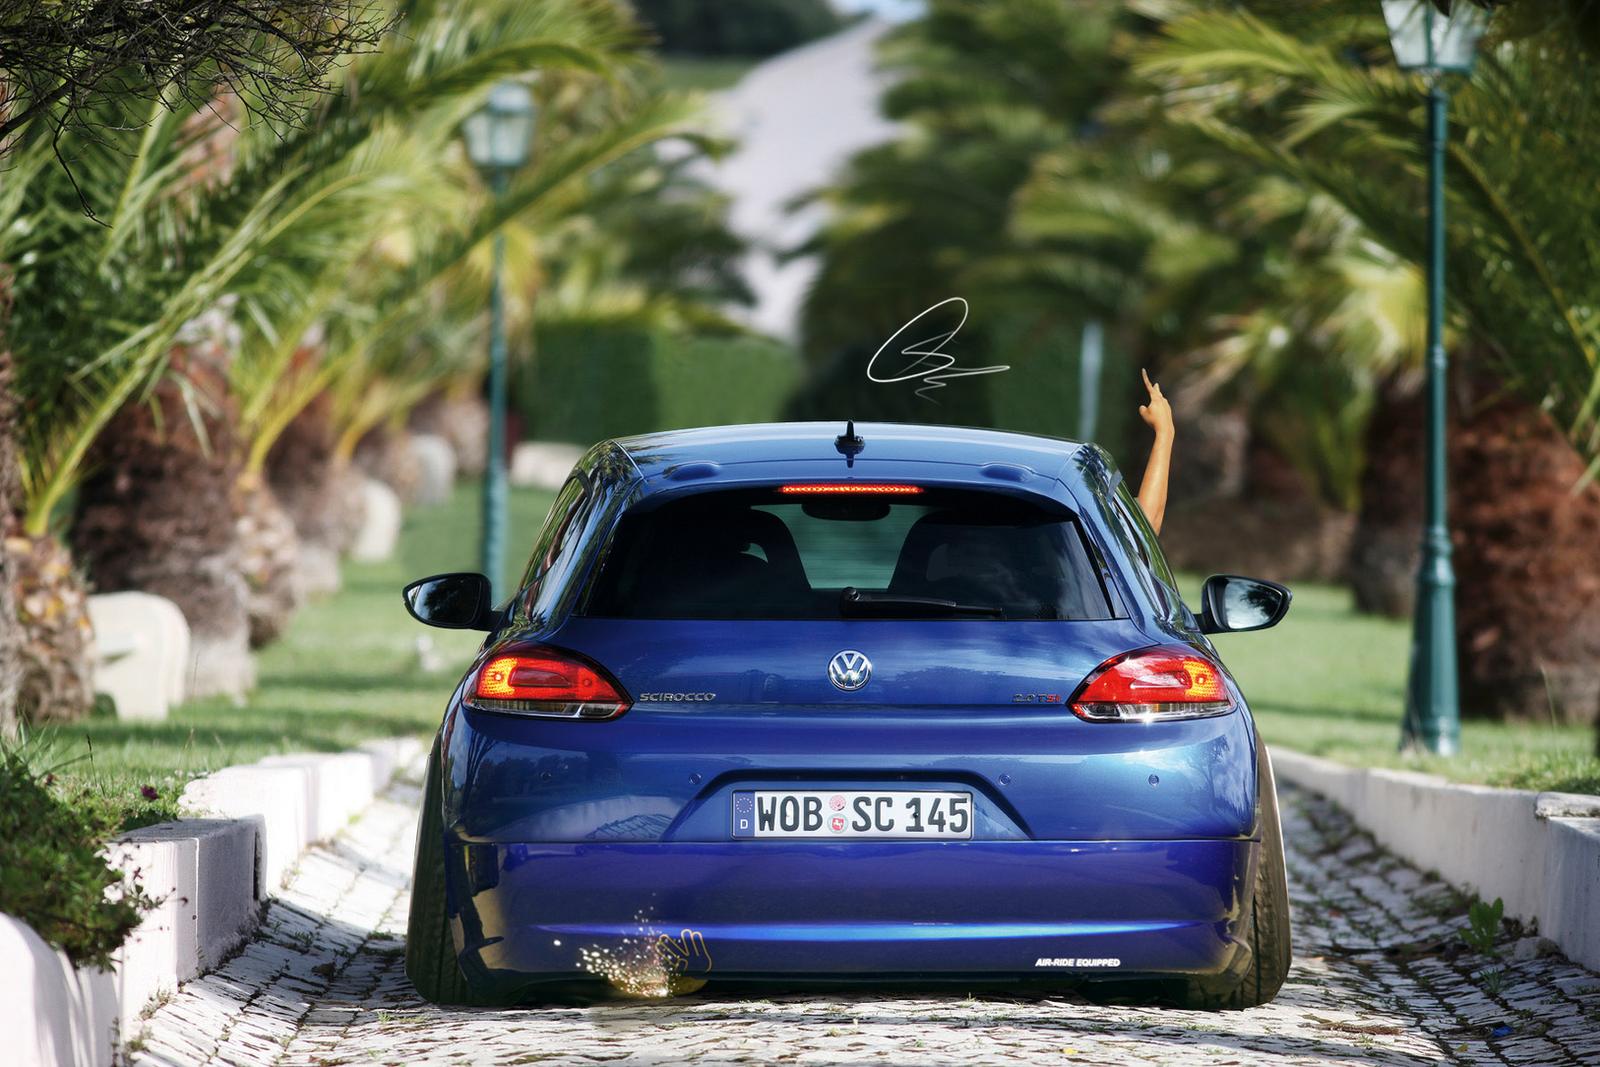 Volkswagen scirocco for sale in usa - Volkswagen Scirocco For Sale In Usa 32